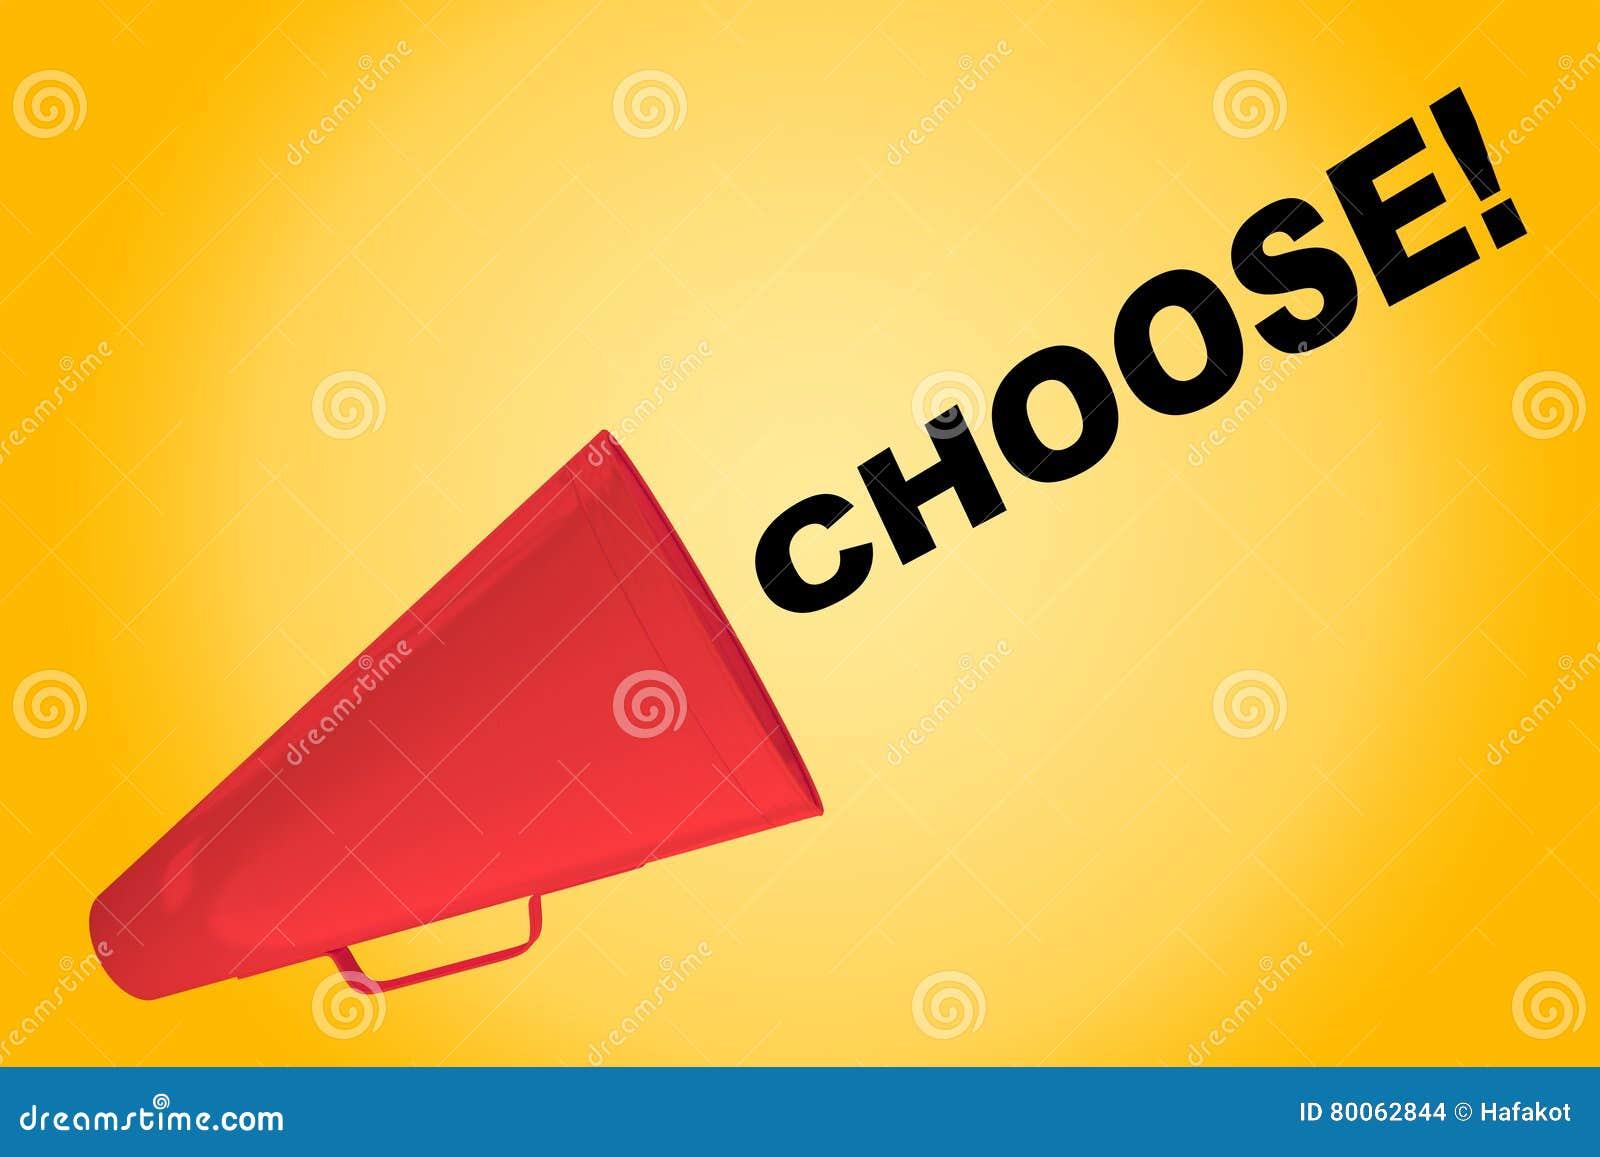 Wählen Sie! - inspirierend Konzept